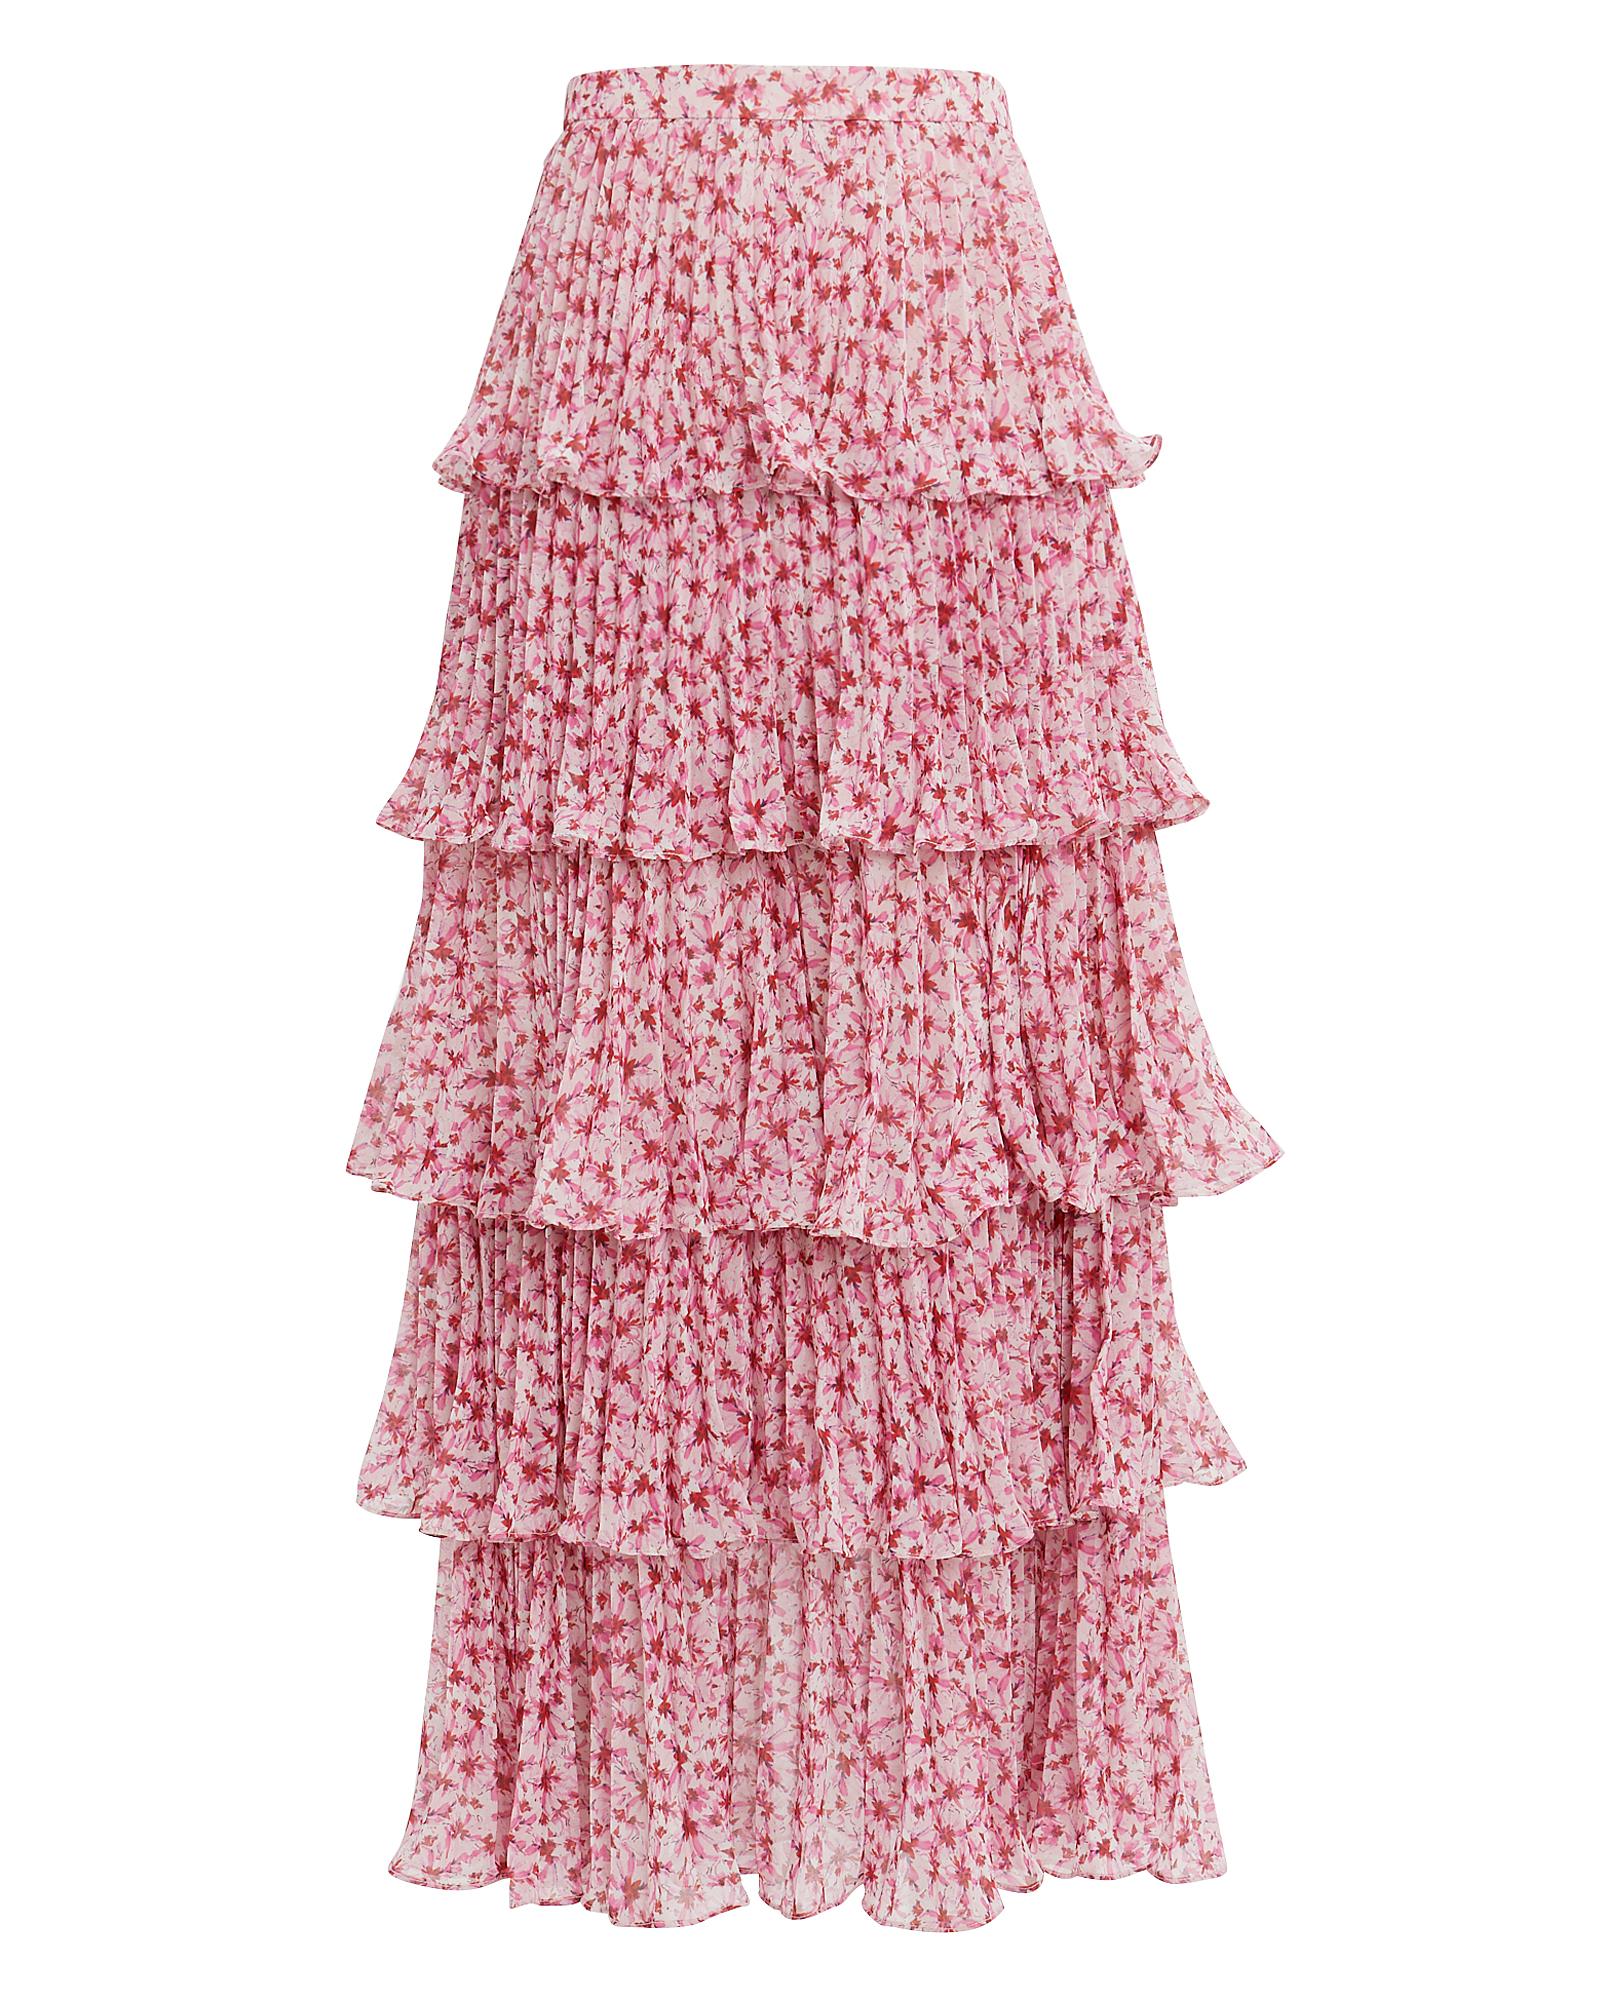 Amur Tiered Ruffle Midi Skirt